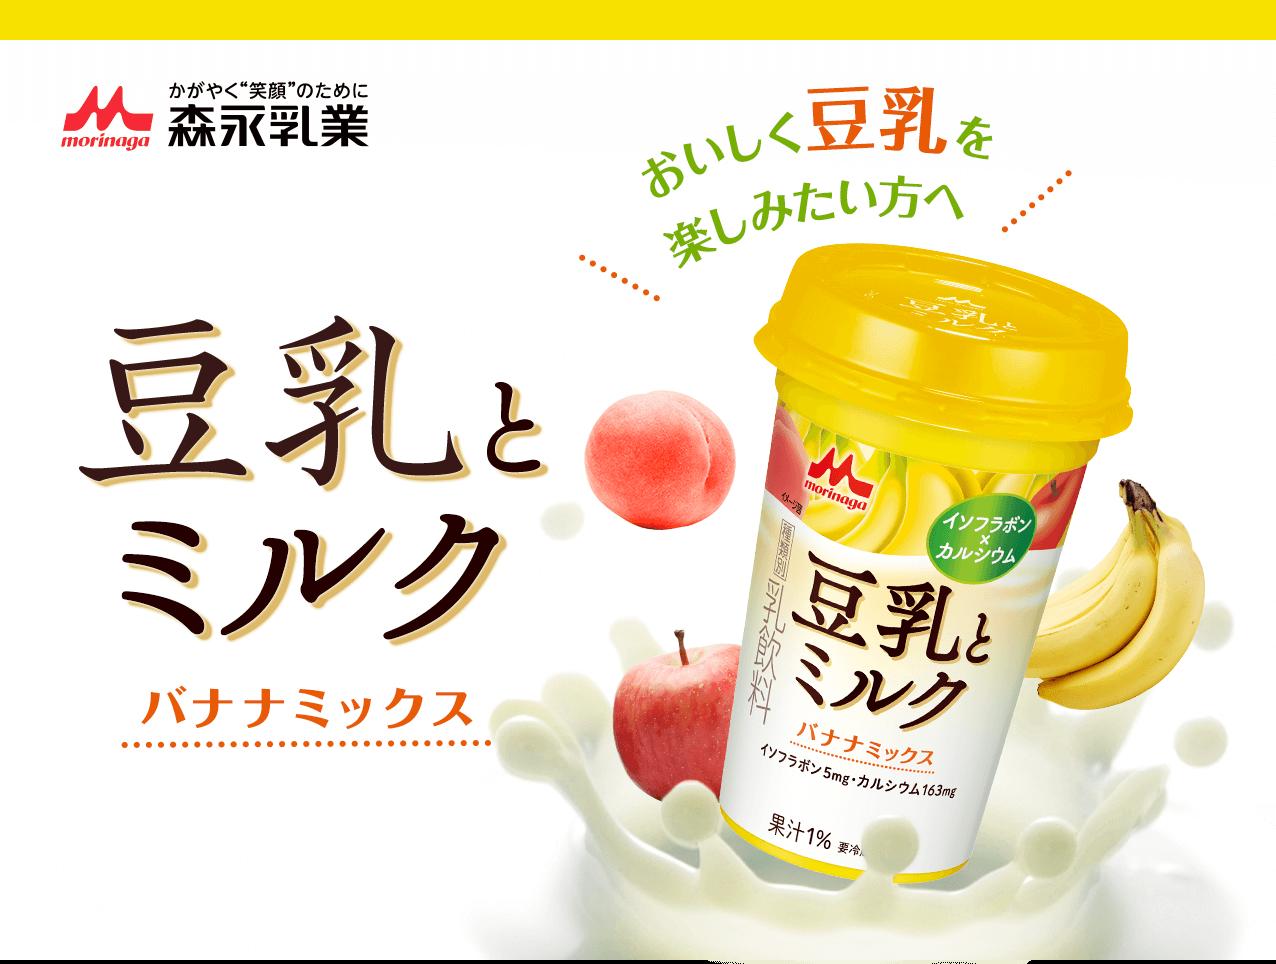 森永乳業 おいしく豆乳を楽しみたい方へ。 豆乳とミルク バナナミックス